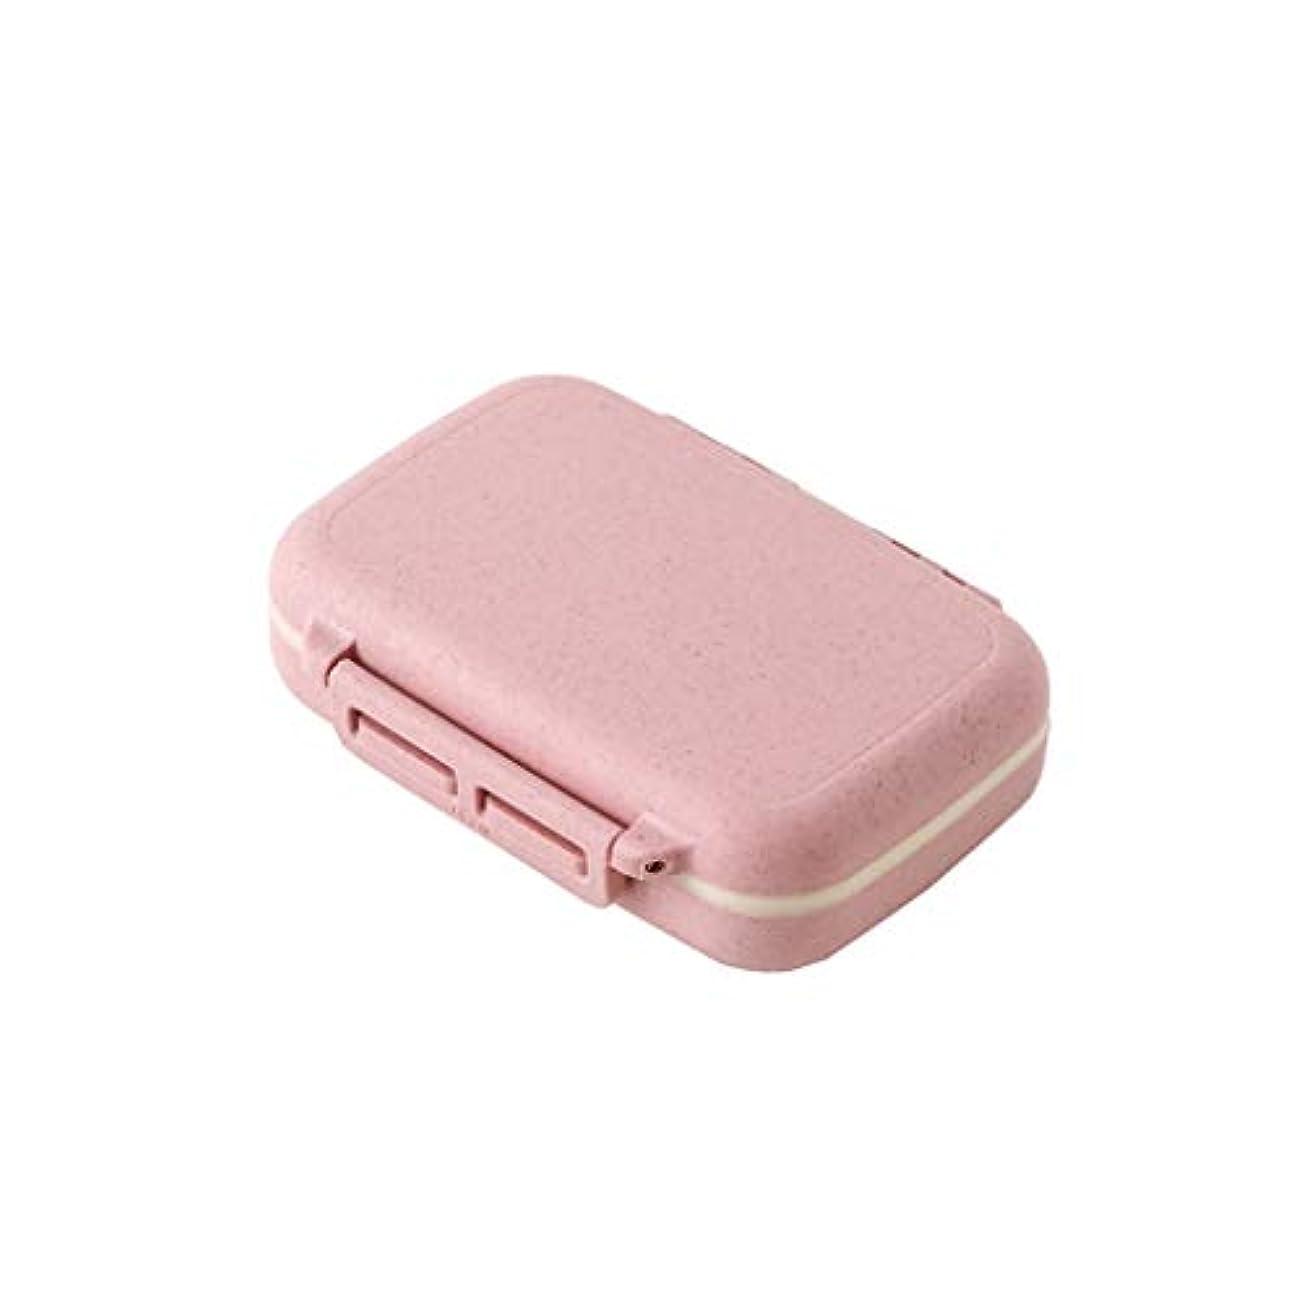 解決チャーター死ぬ家庭用薬箱調剤箱薬錠剤防湿シール小型ピルボックス大容量一週間小ピルボックス 薬箱 (Color : Pink, Size : 10.5cm×7cm×3cm)